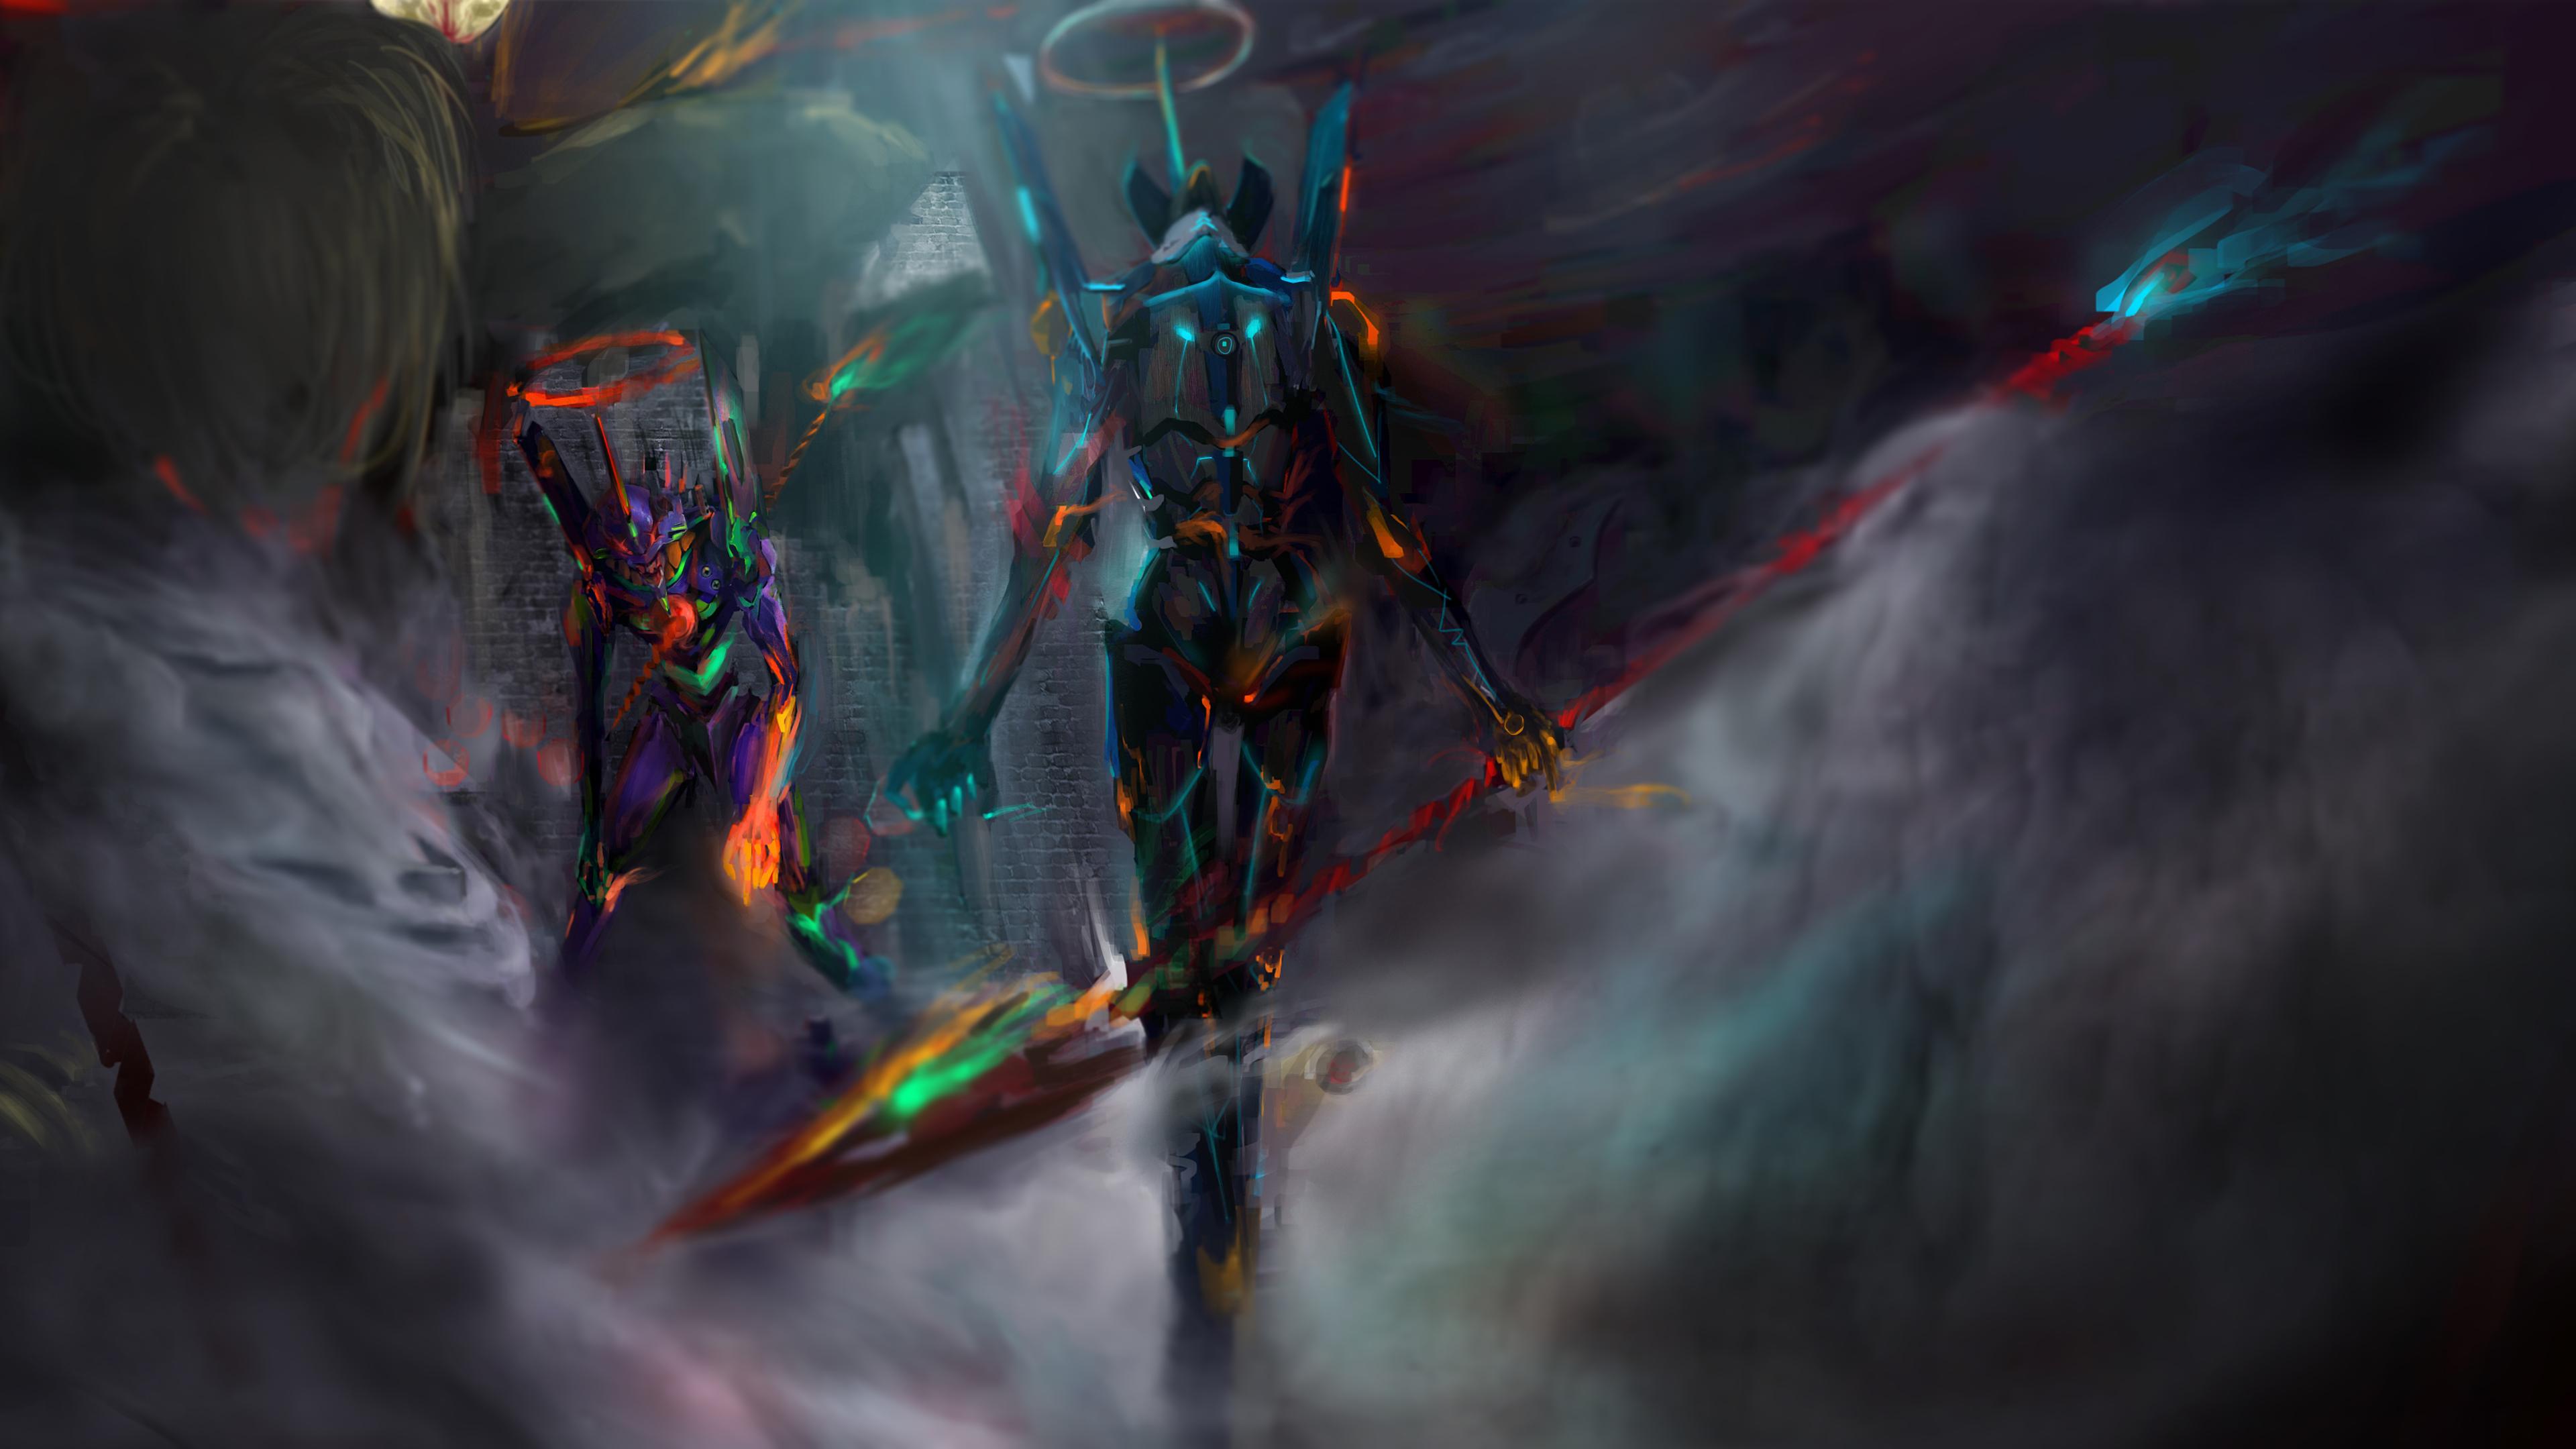 4k Pictures Wallpapers Neon Genesis Evangelion Wallpaper 4k 2944056 Hd Wallpaper Backgrounds Download